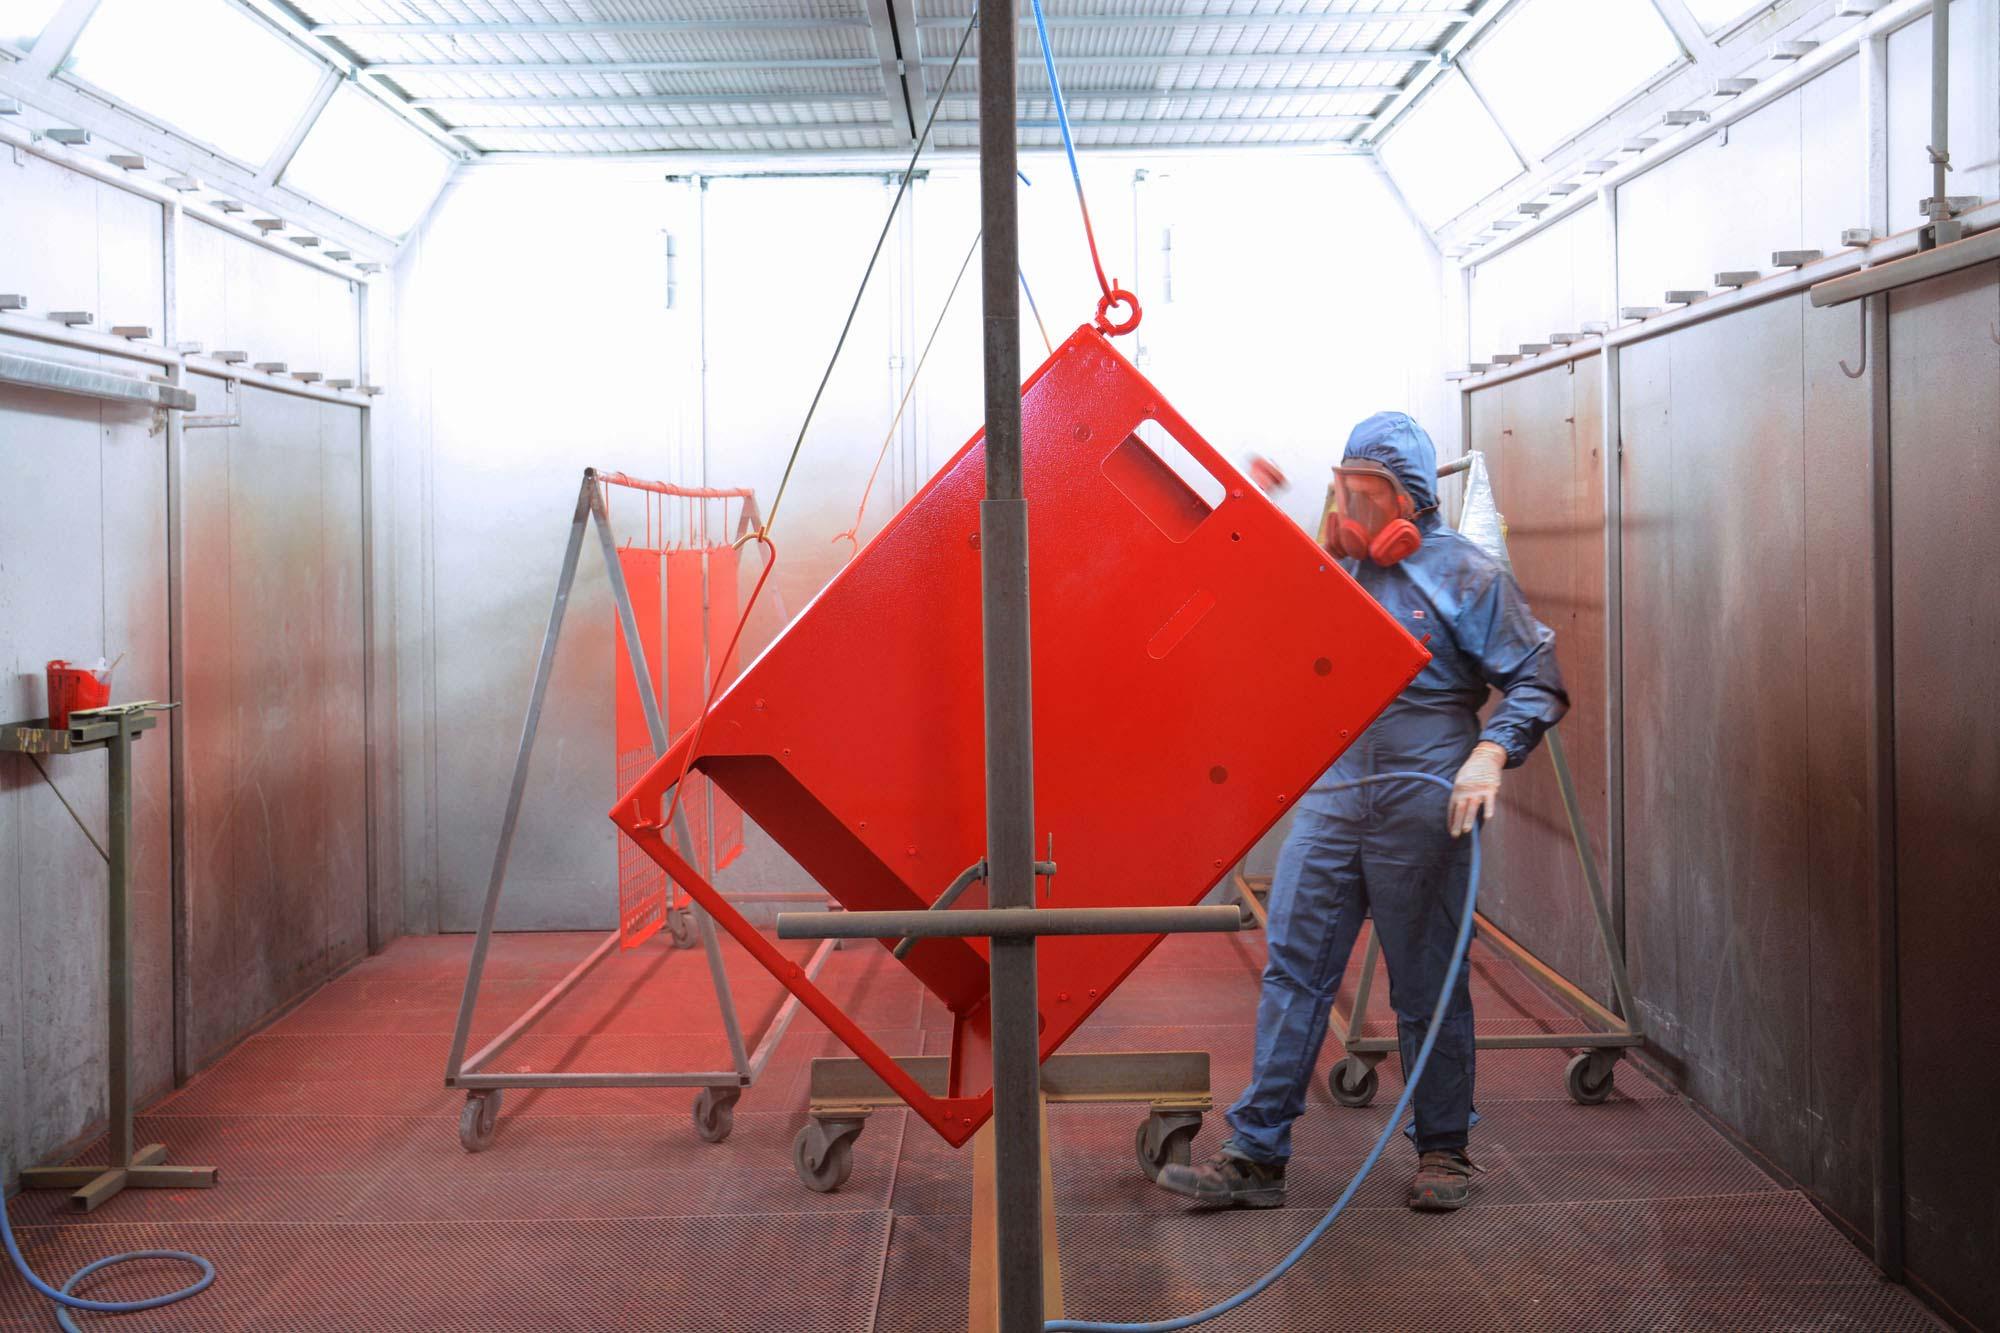 Ein großes Metallteil wird von einem Mann mit Schutzanzug im Rahmen der Industrielackierung bearbeitet, als Teil der Lackiertechnik